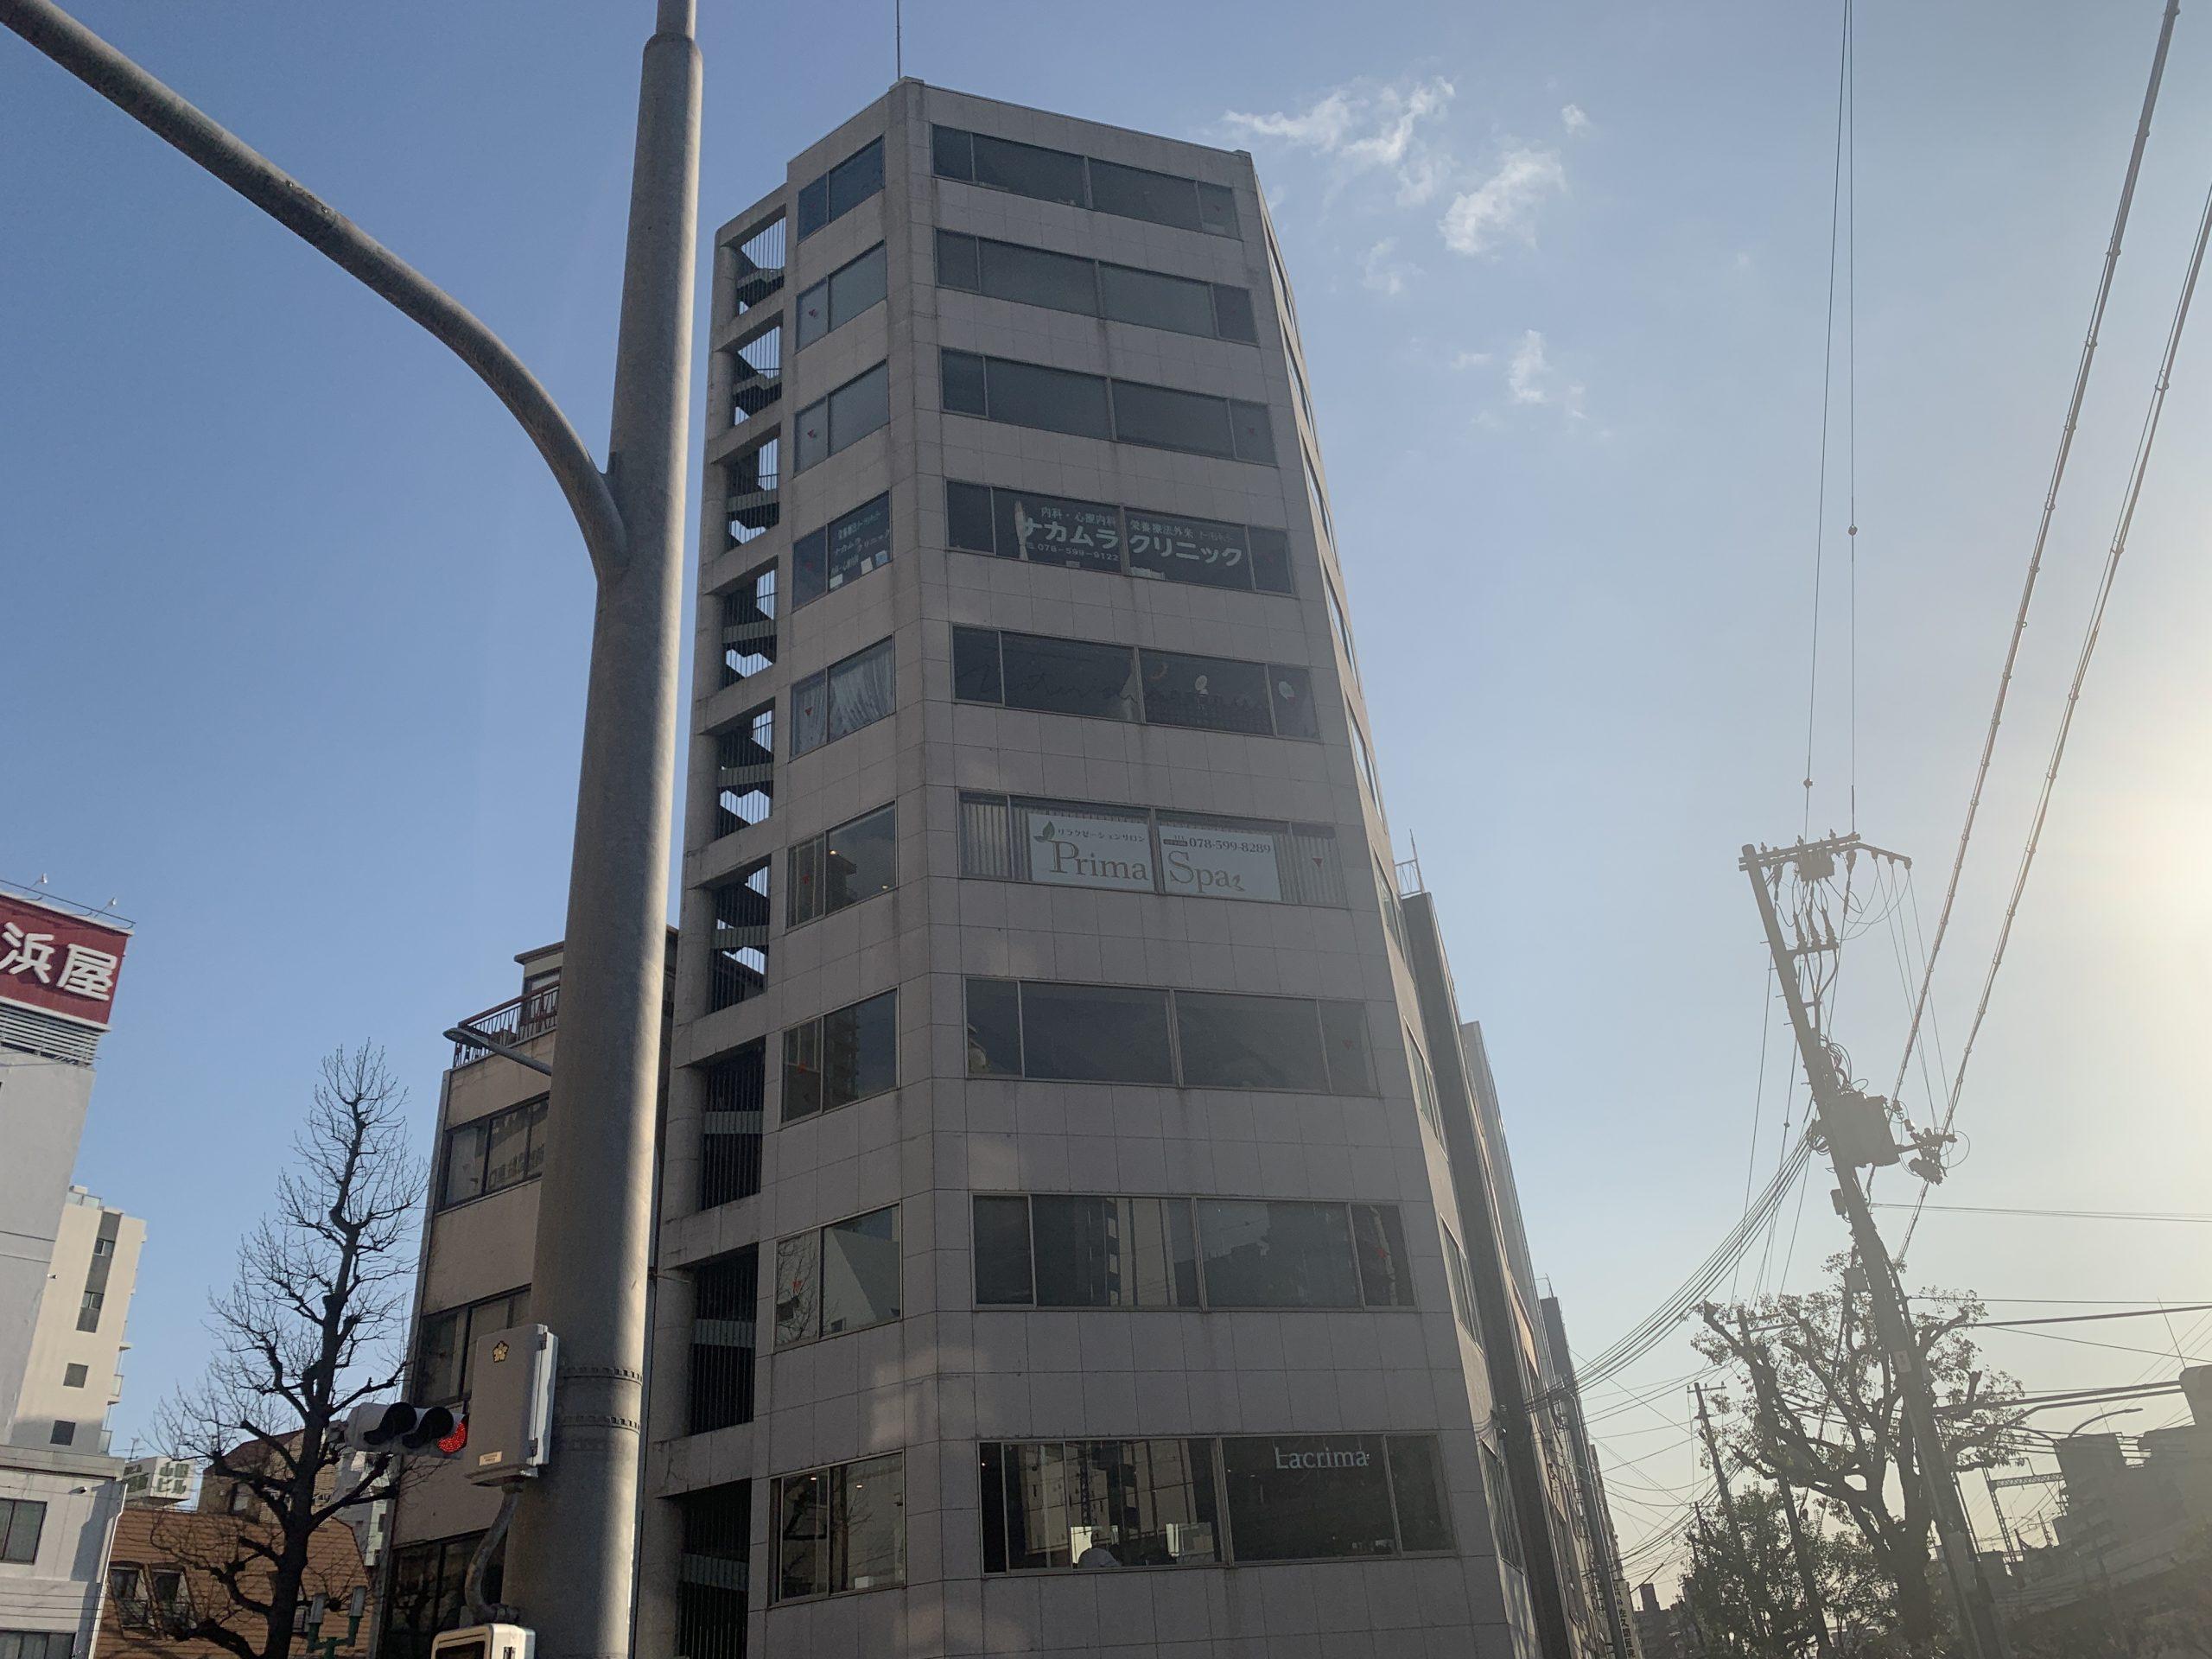 神戸市中央区で大規模修繕を行った10階建てビルの様子